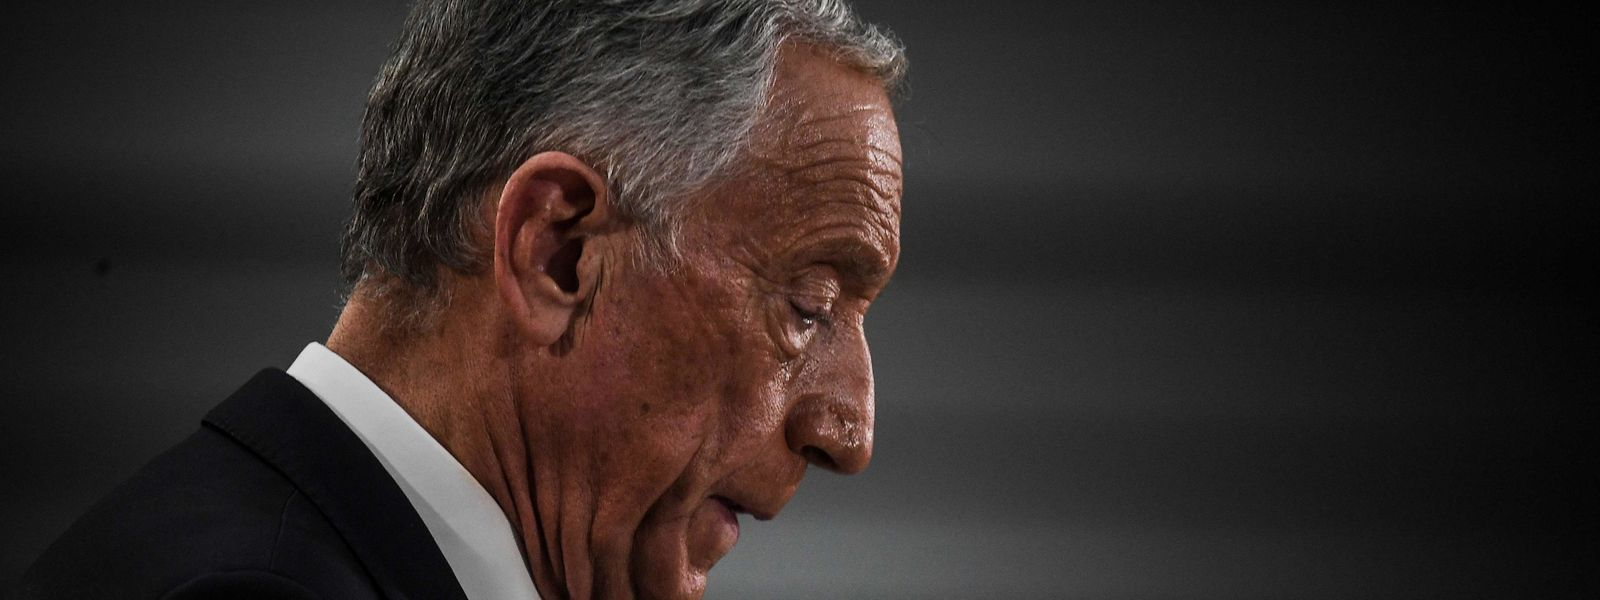 Dans son discours de victoire, Marcelo Rebelo de Sousa a promis de faire de la lutte contre la pandémie sa «première priorité».